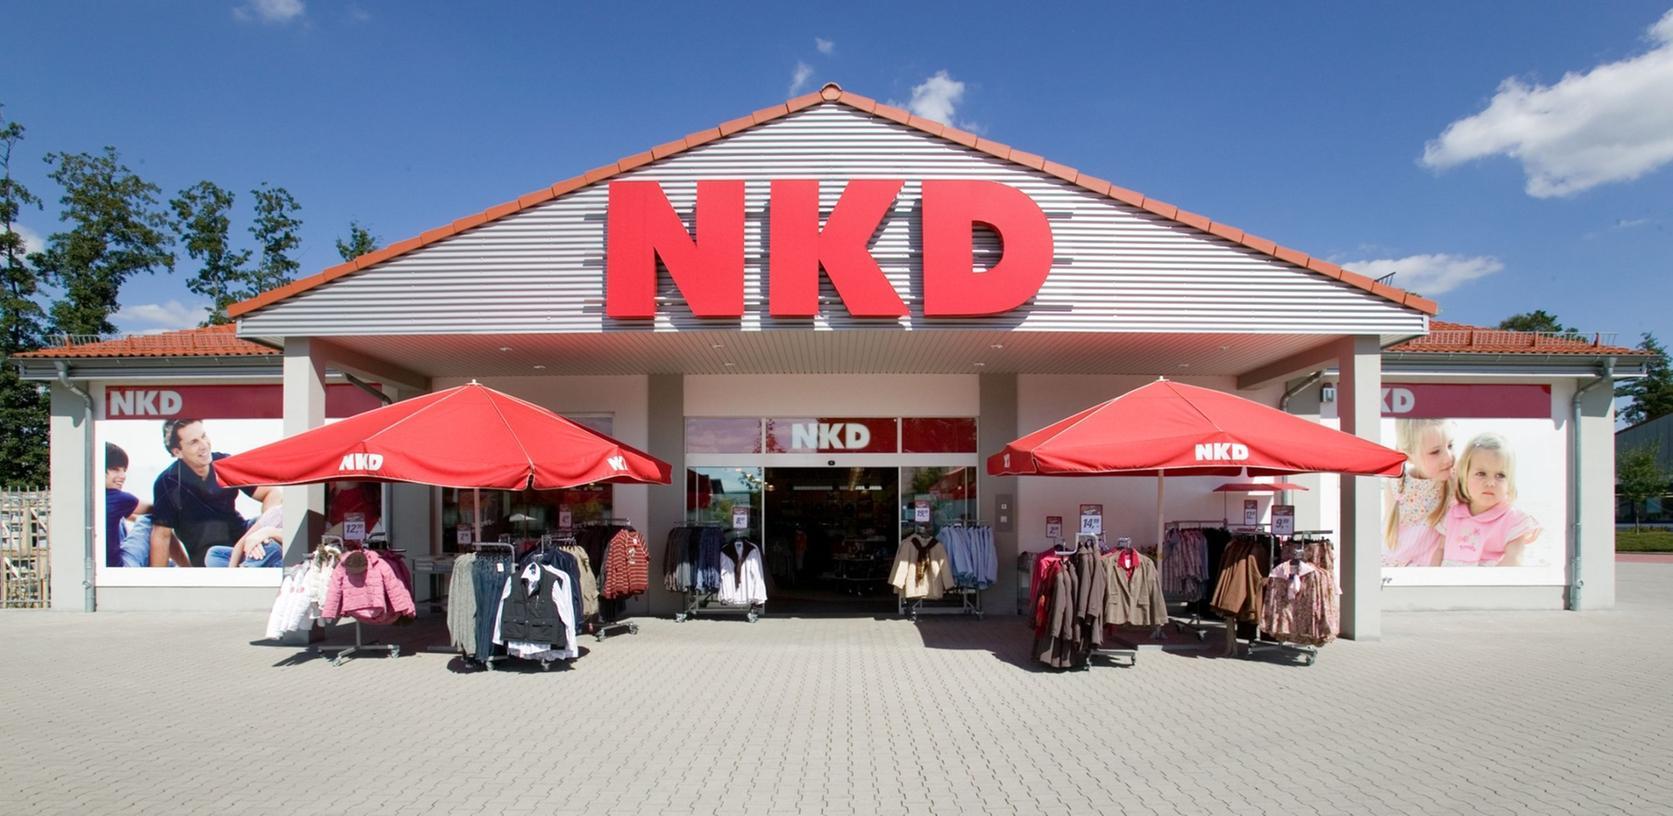 NKD wandert in neue Hände: Das Investmentunternehmen OpCapita kauft den Textildiscounter auf.